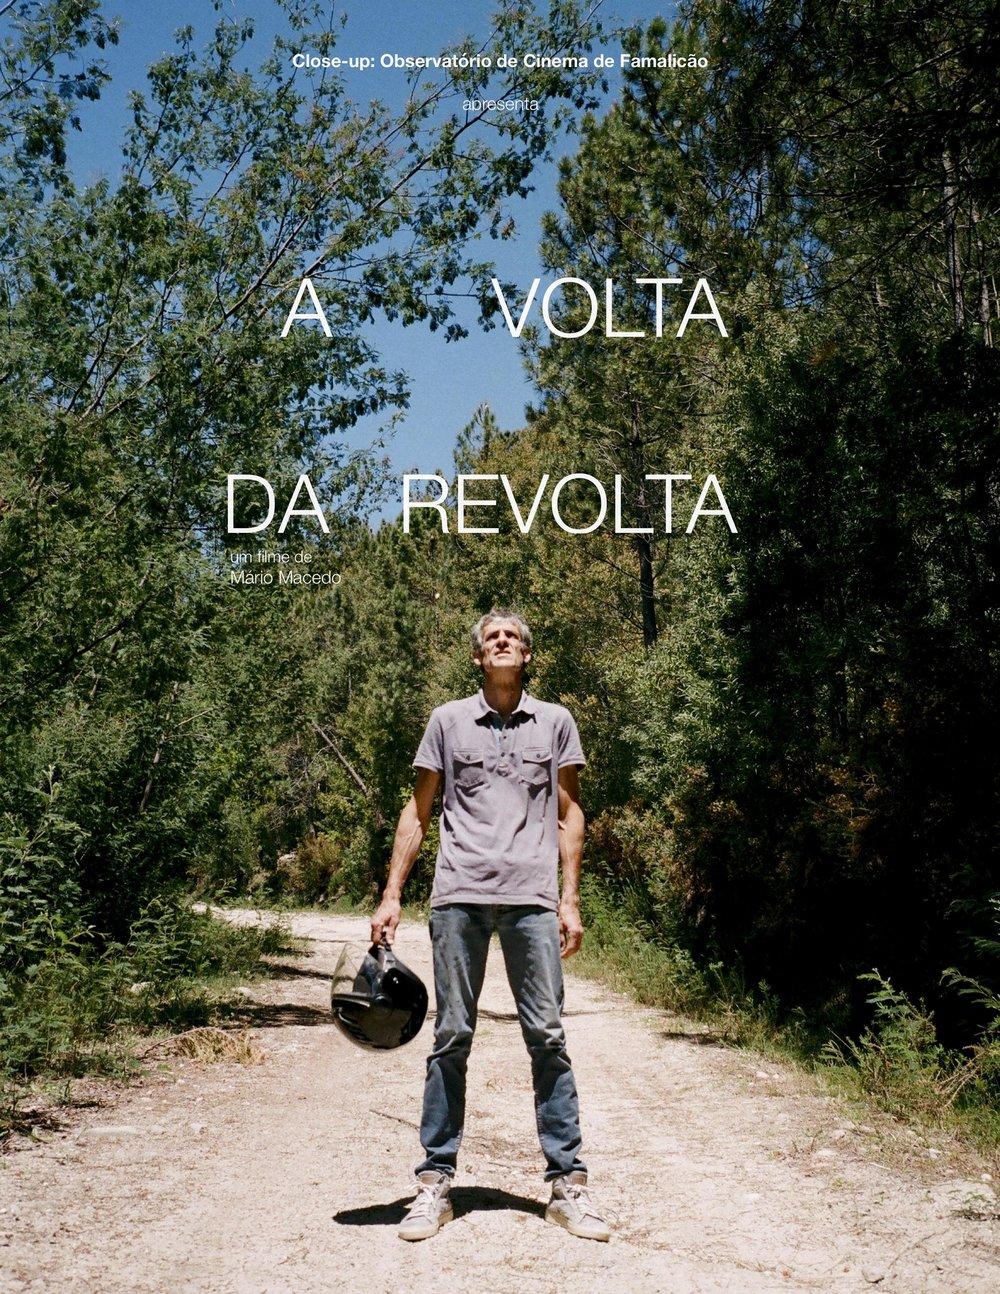 A Volta da Revolta